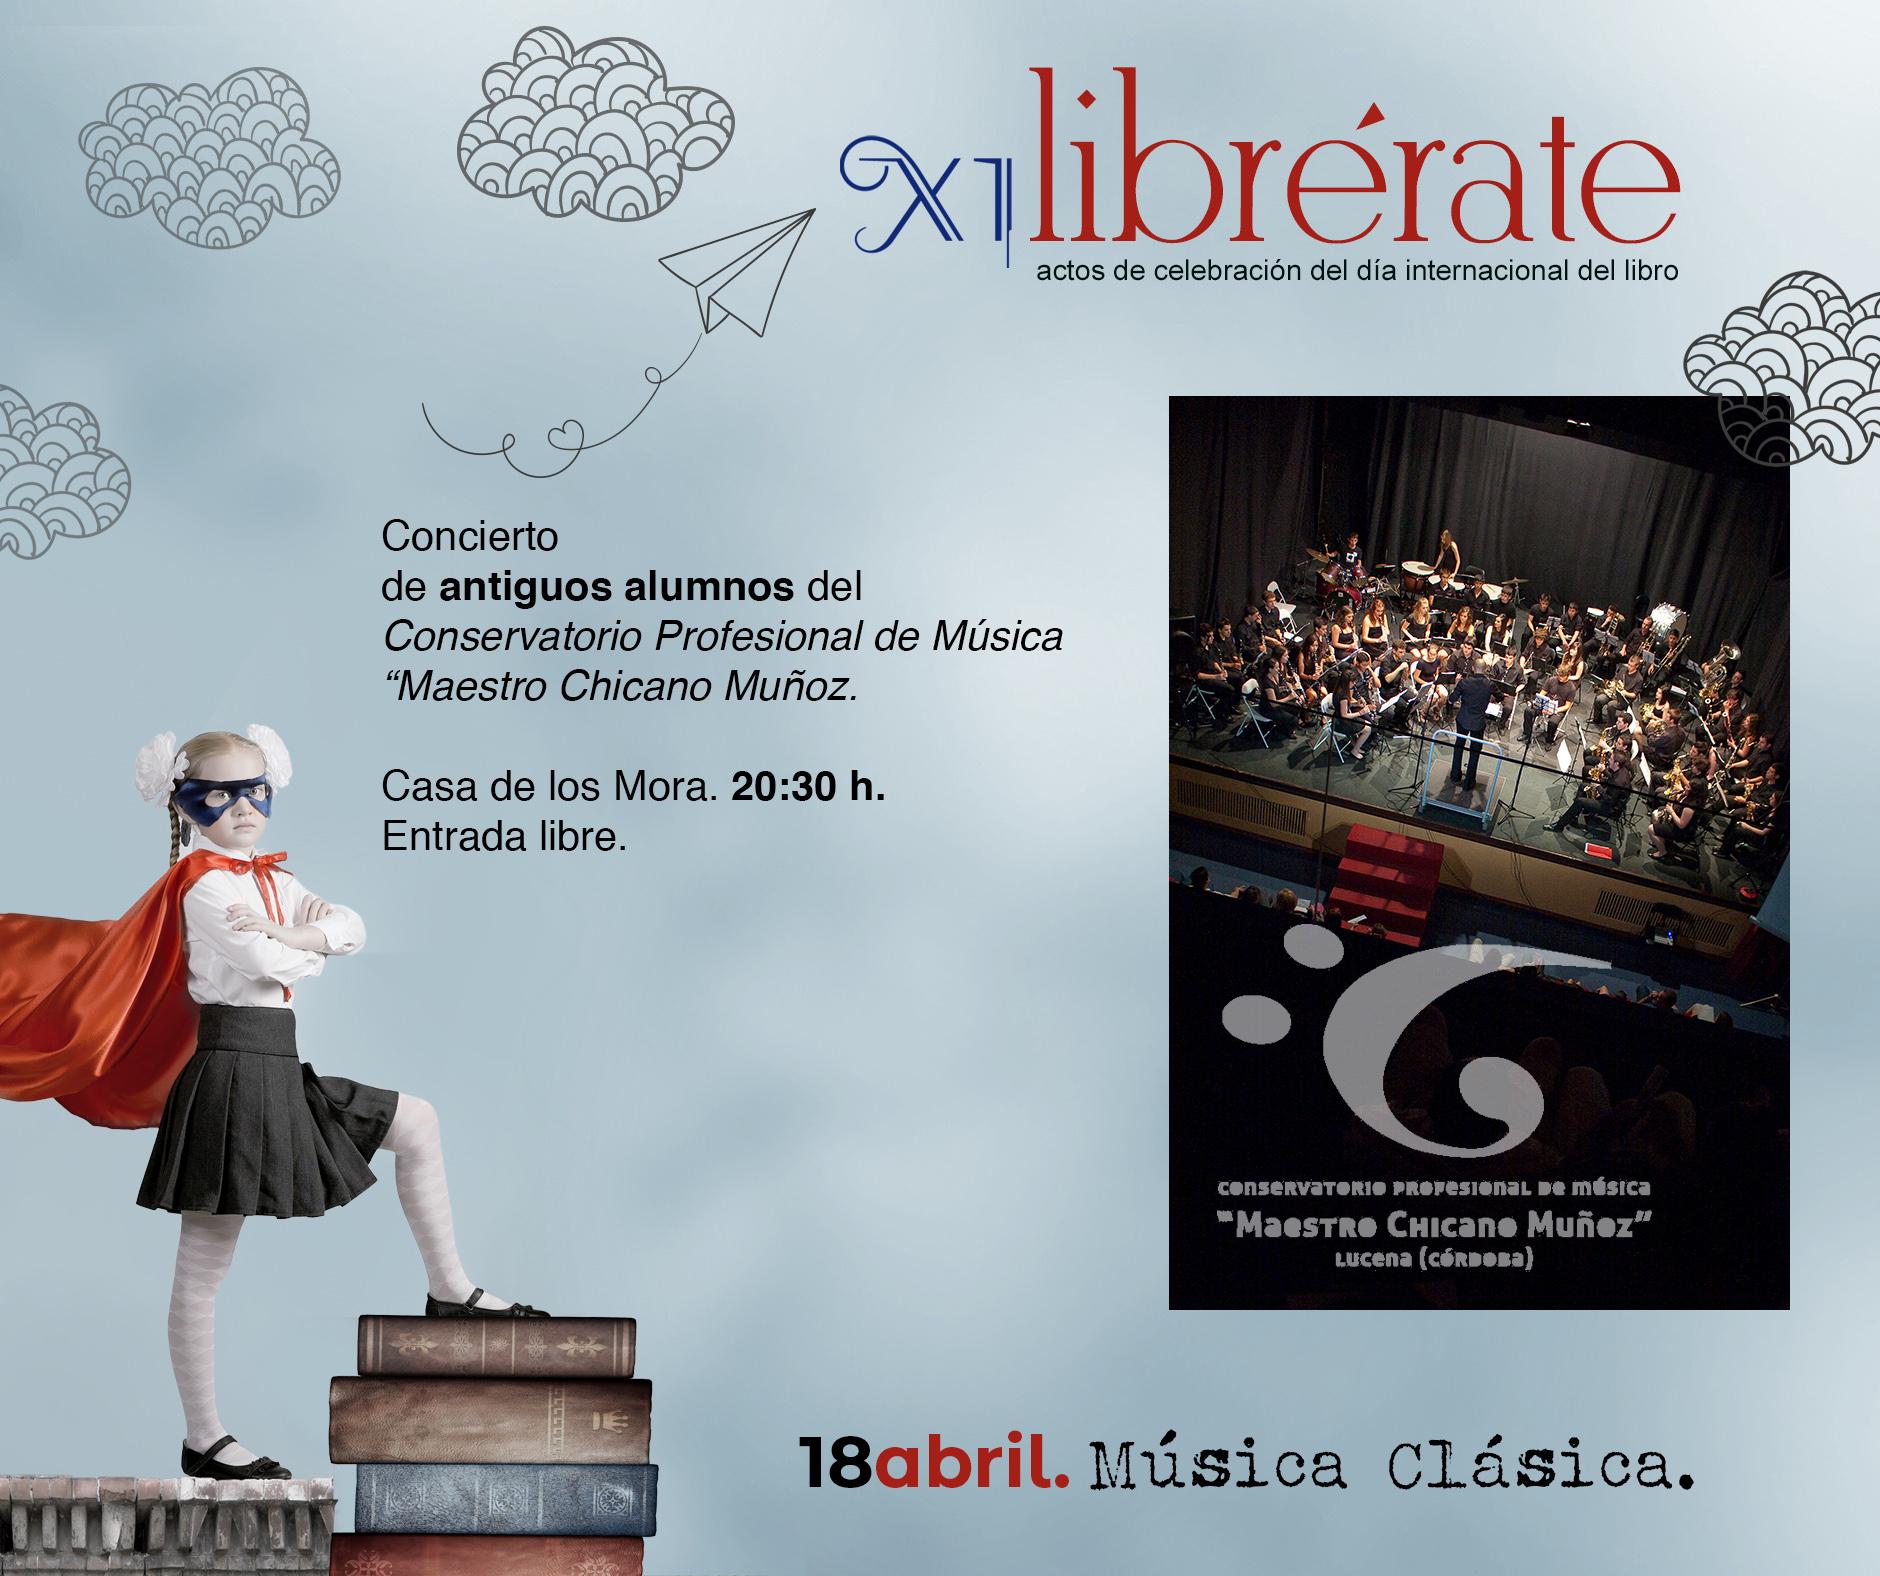 """Concierto  de antiguos alumnos del Conservatorio Profesional de Música """"Maestro Chicano Muñoz @ Casa de los Mora"""